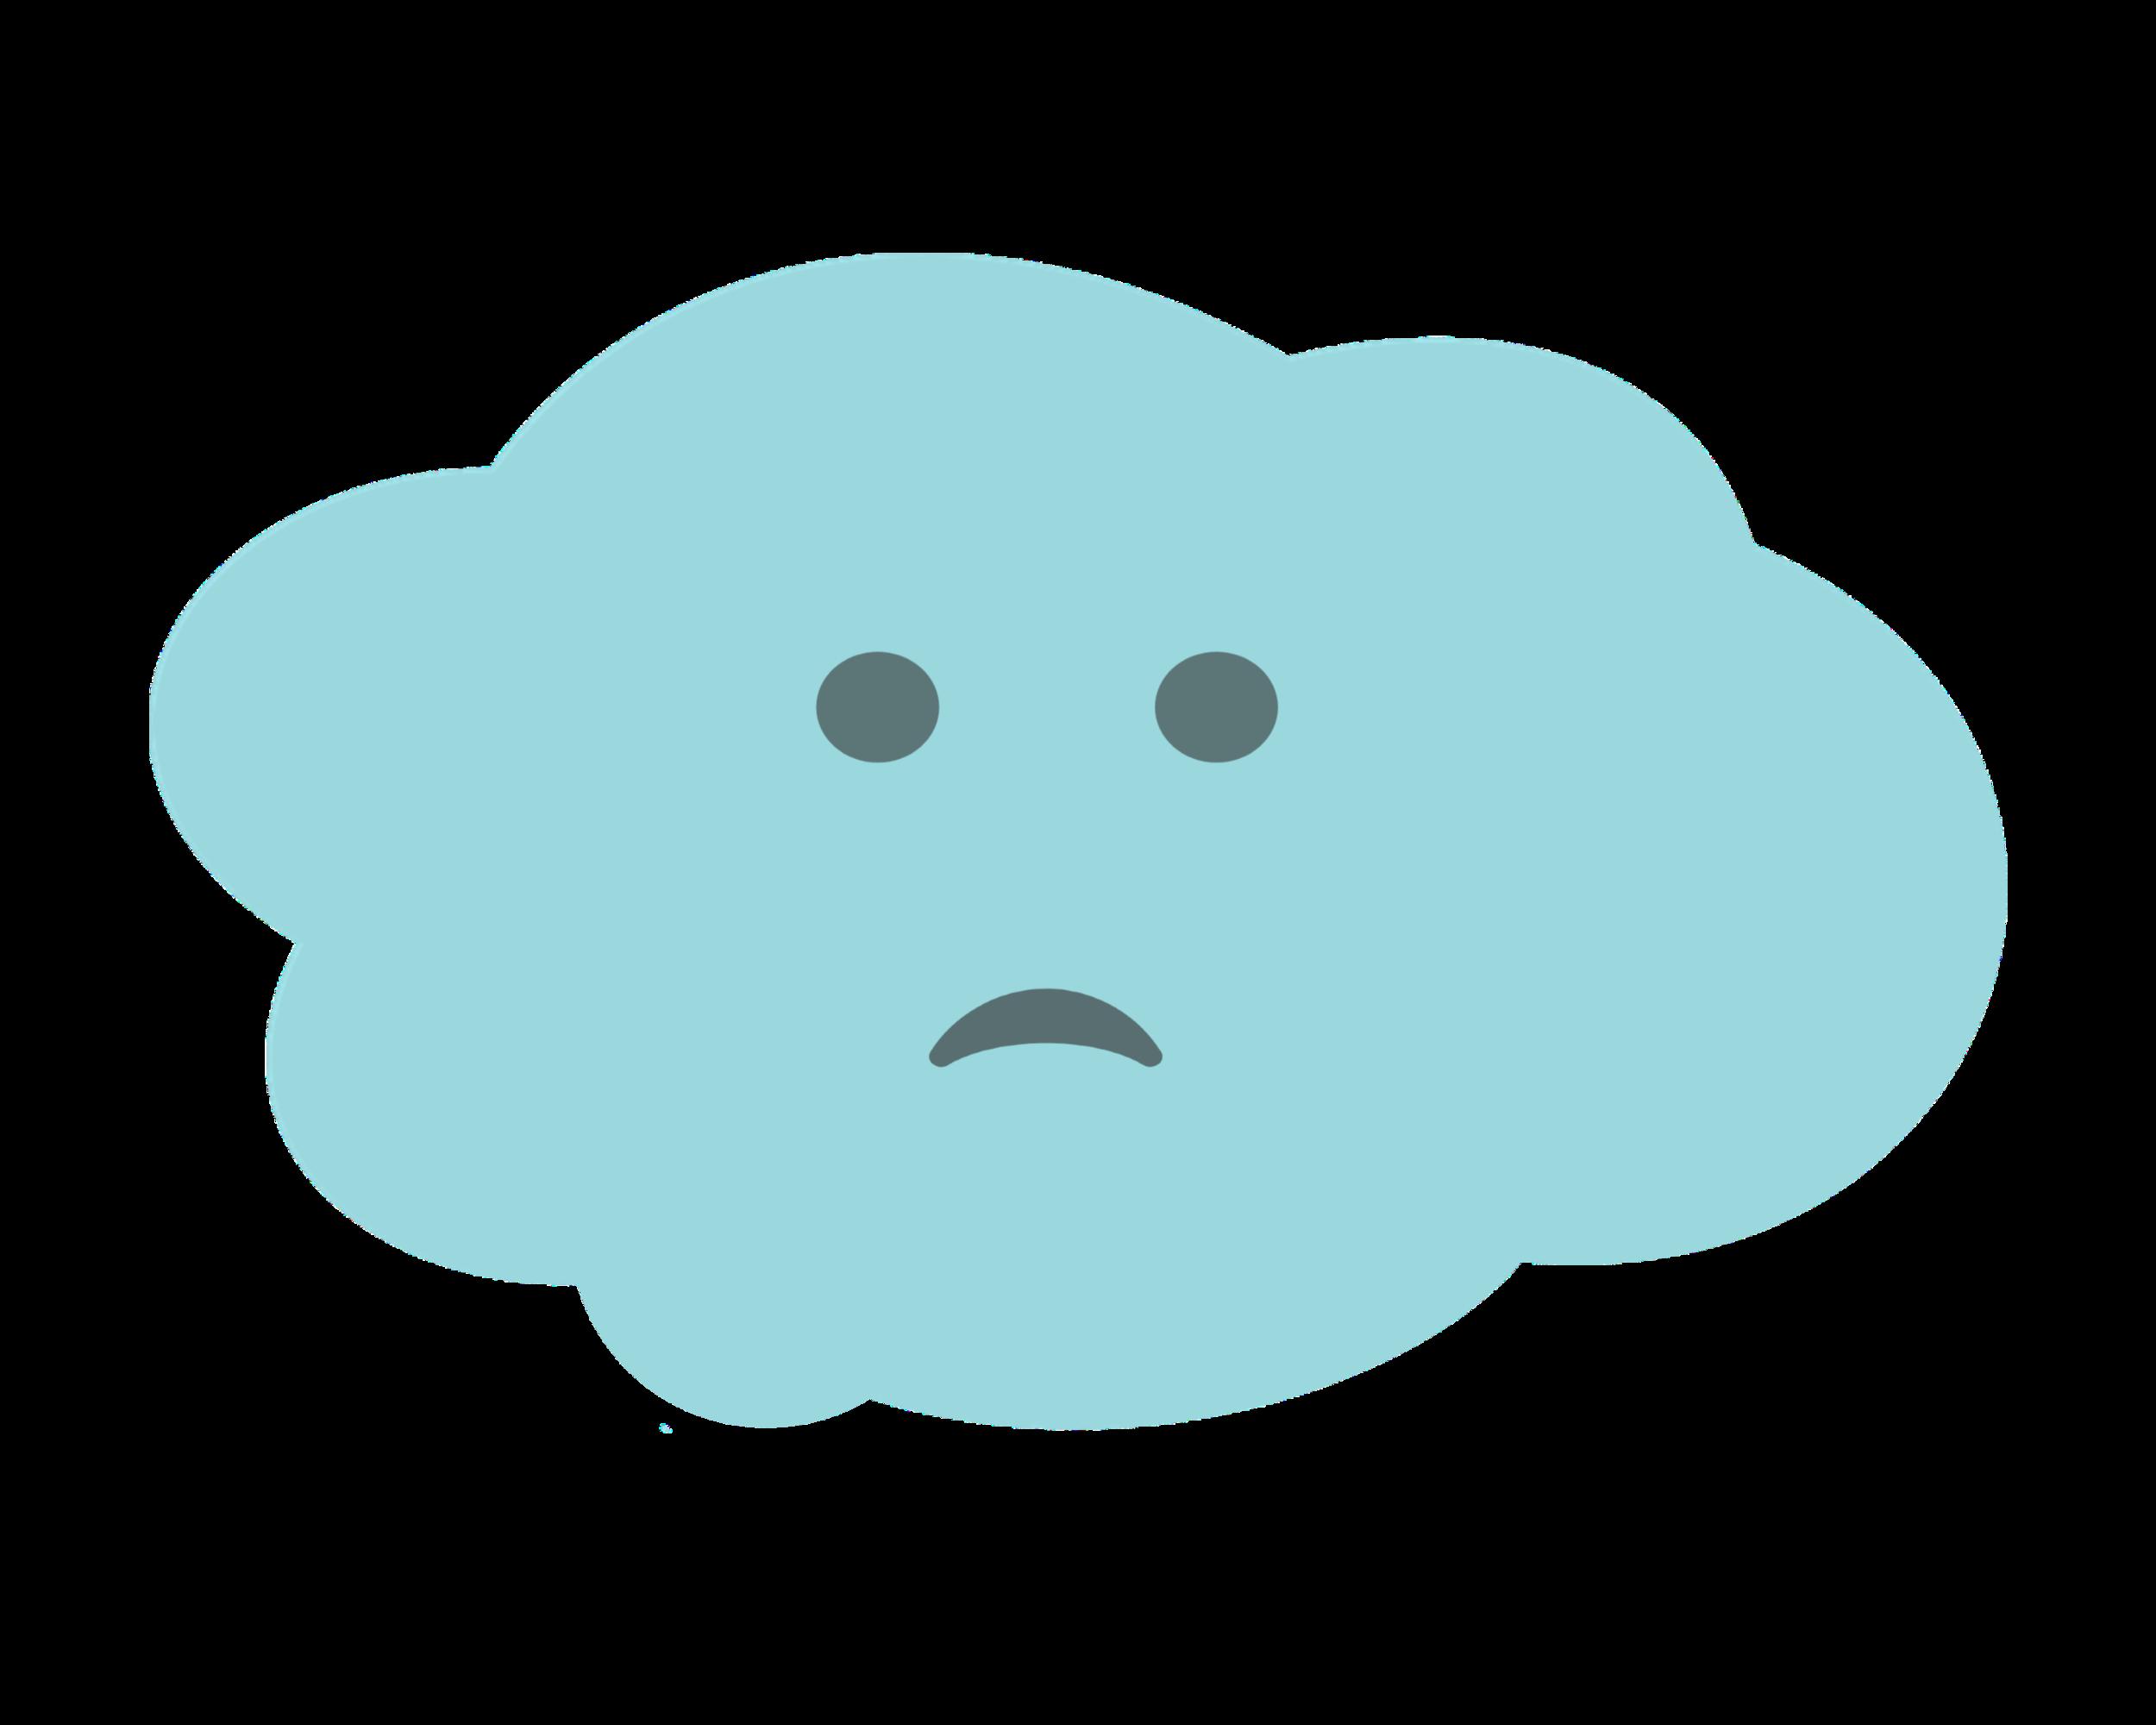 Blue cloud with sad face